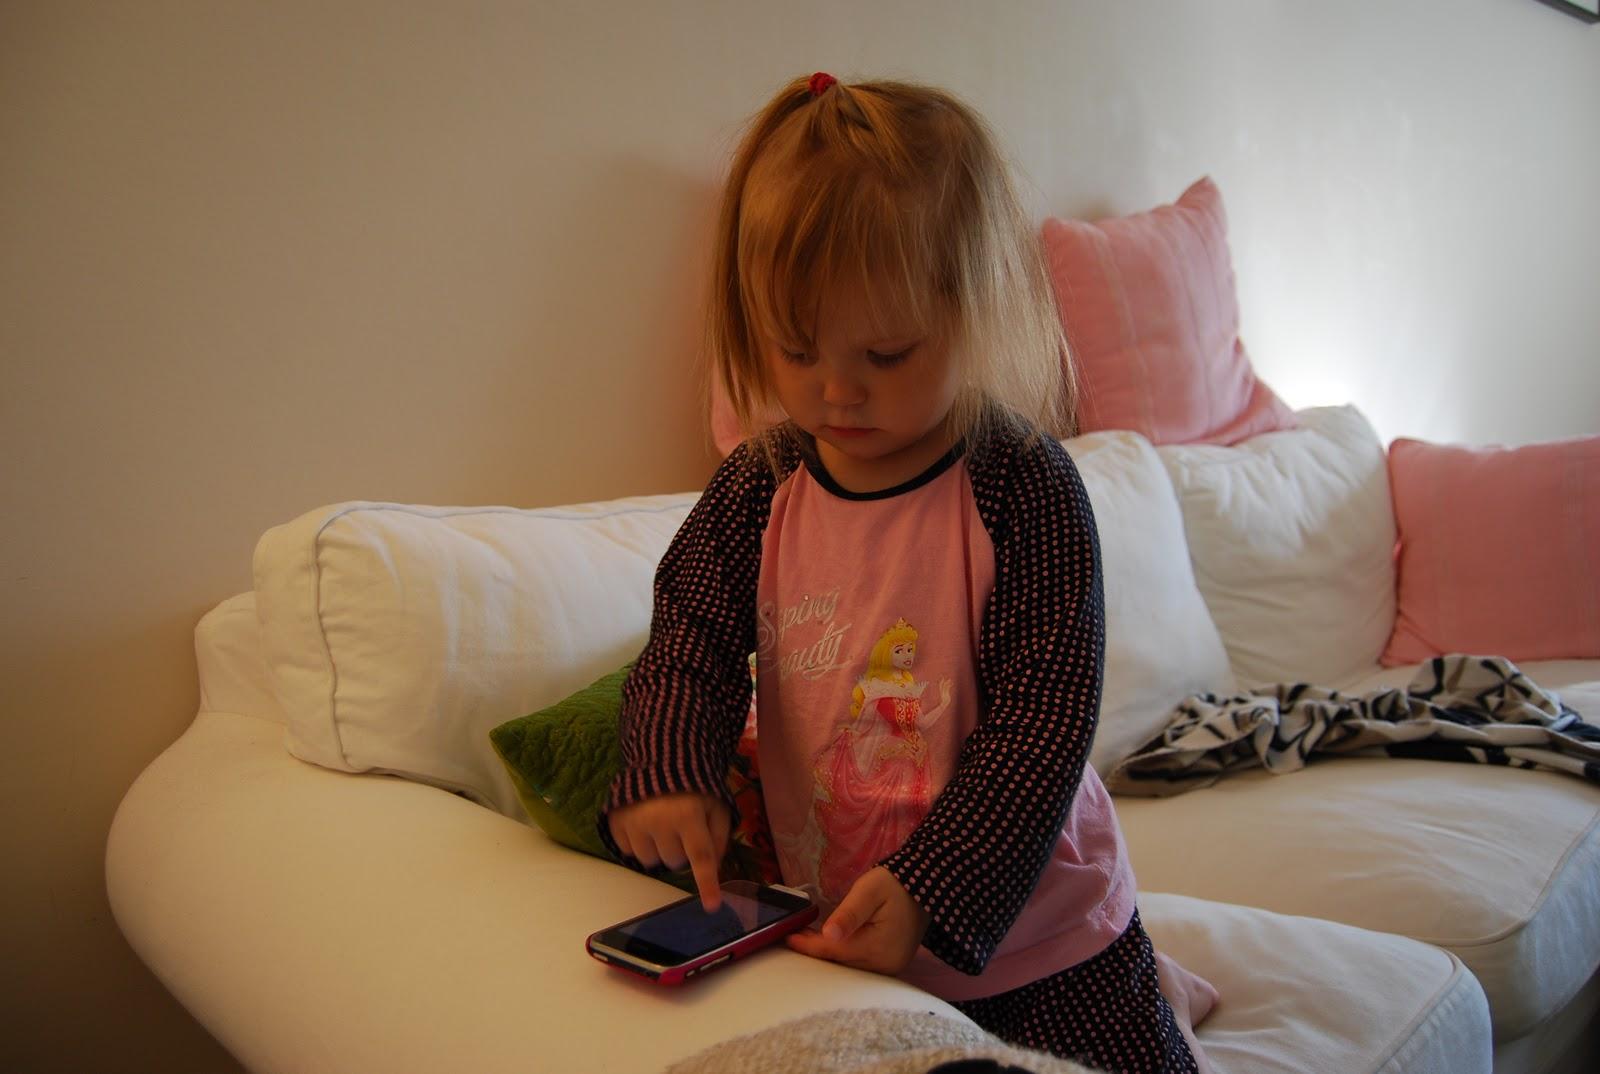 ladda ner appar till mobilen